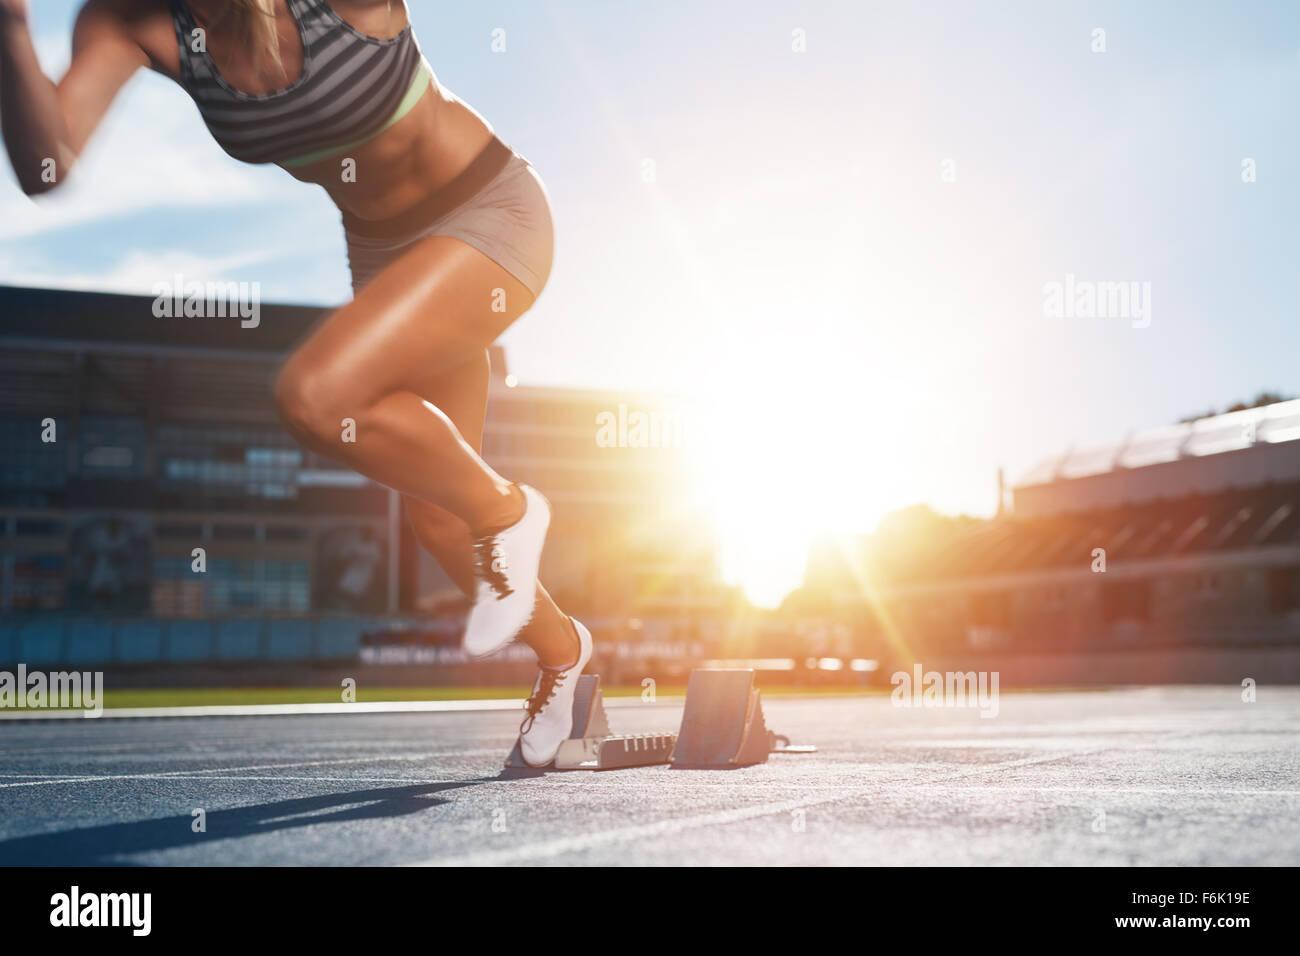 Ritagliato colpo di giovane atleta femminile lanciando fuori dalla linea di partenza in una gara. Femminile ha iniziato Foto Stock